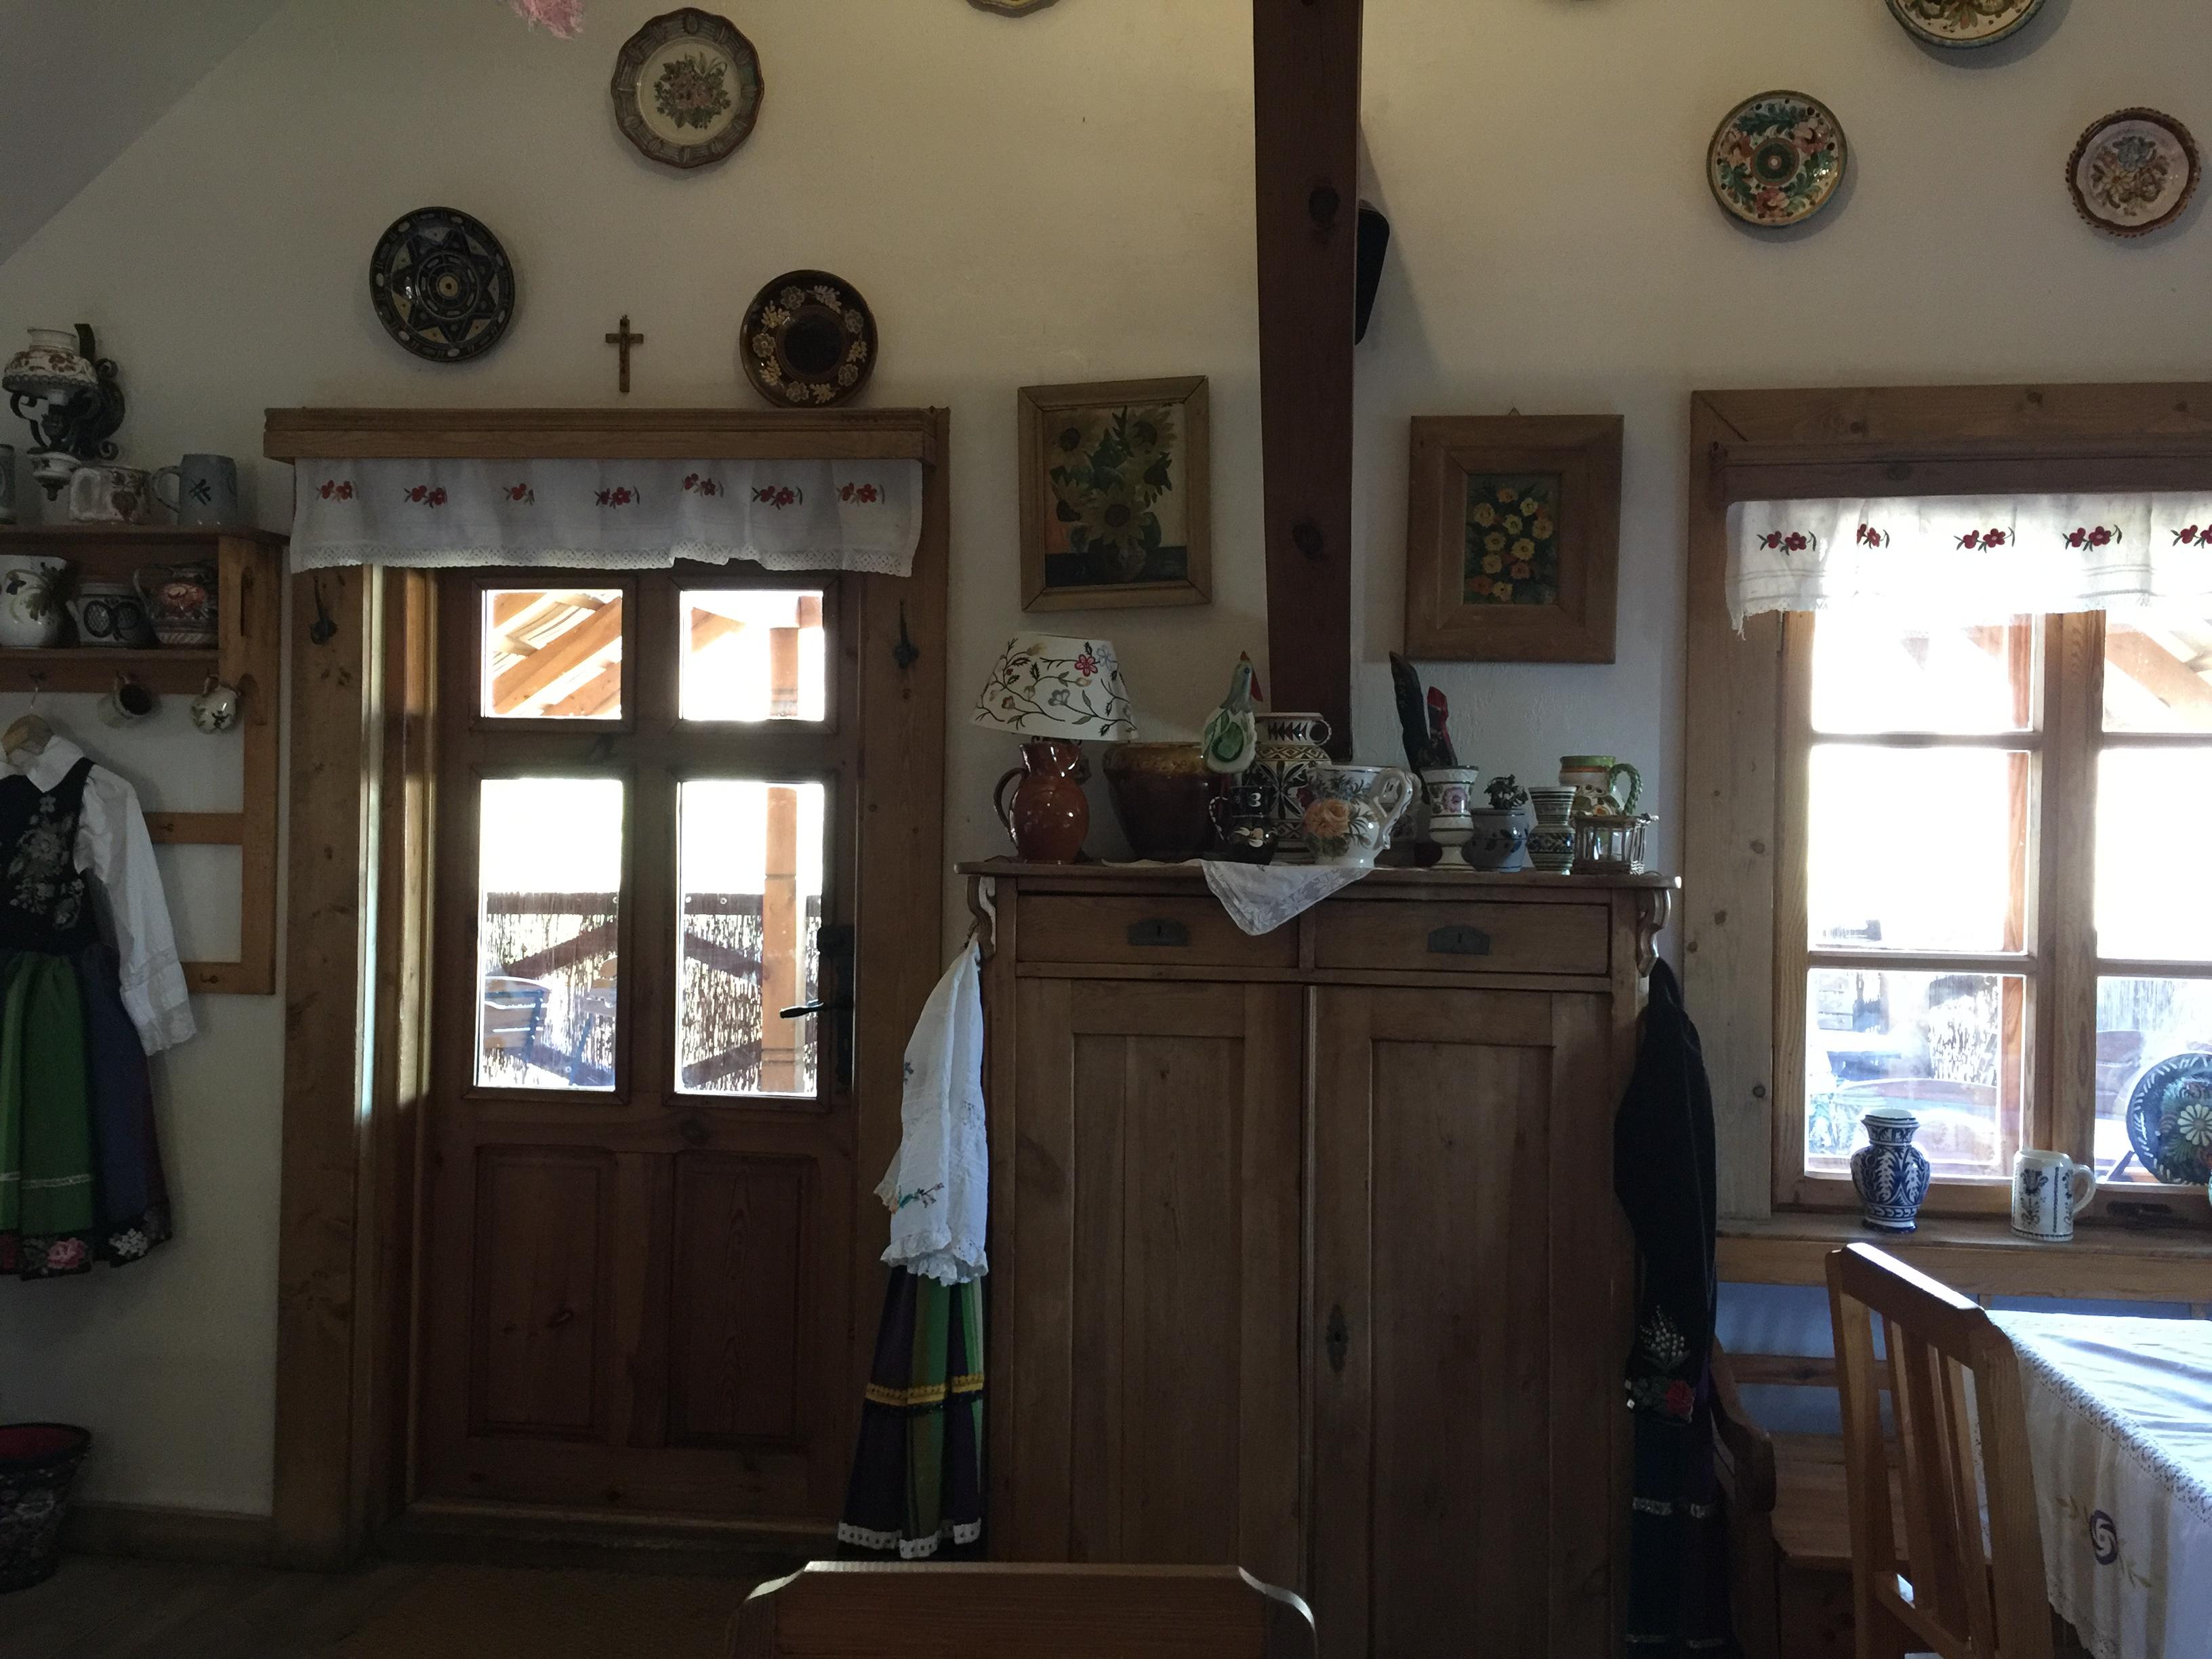 Podłowicka restauracja Oberża pod Złotym Prosiakiem